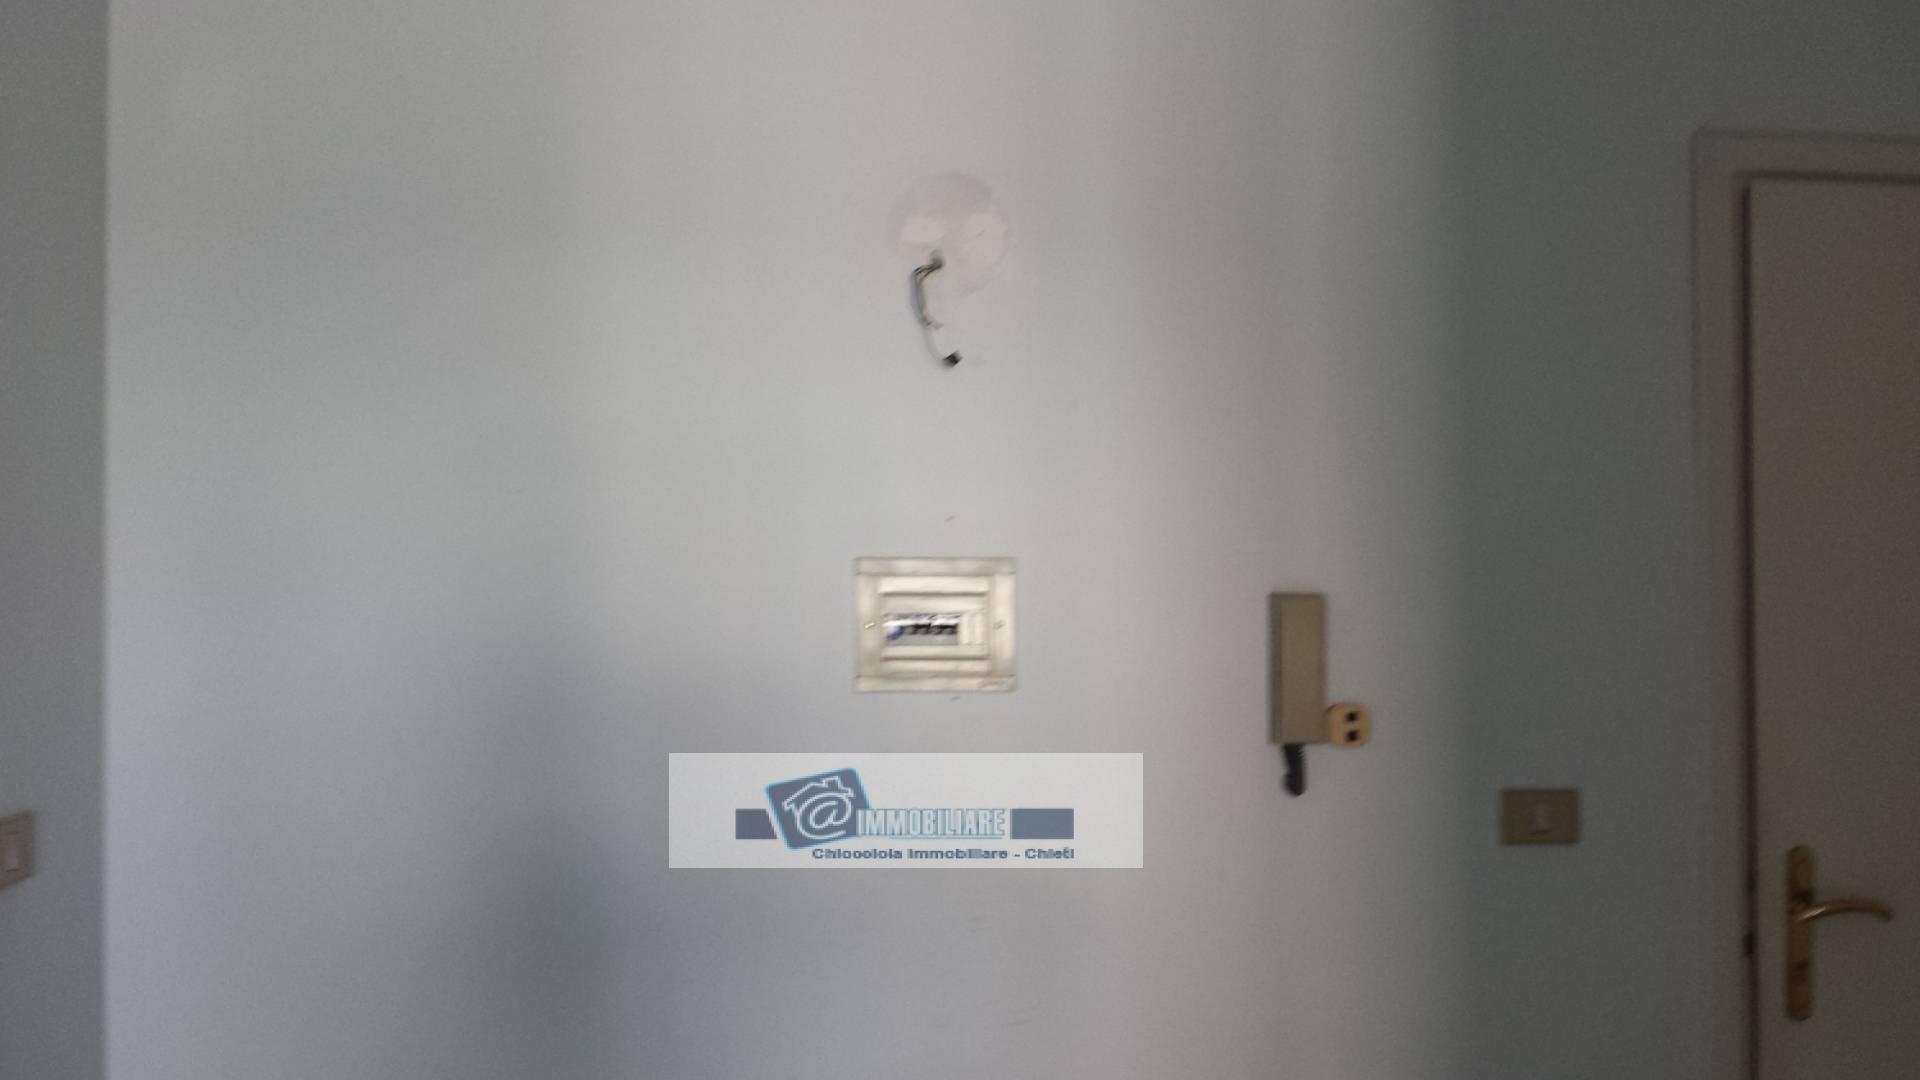 Ufficio / Studio in affitto a Chieti, 9999 locali, zona Località: ZonaUniversitaria, prezzo € 450 | Cambio Casa.it